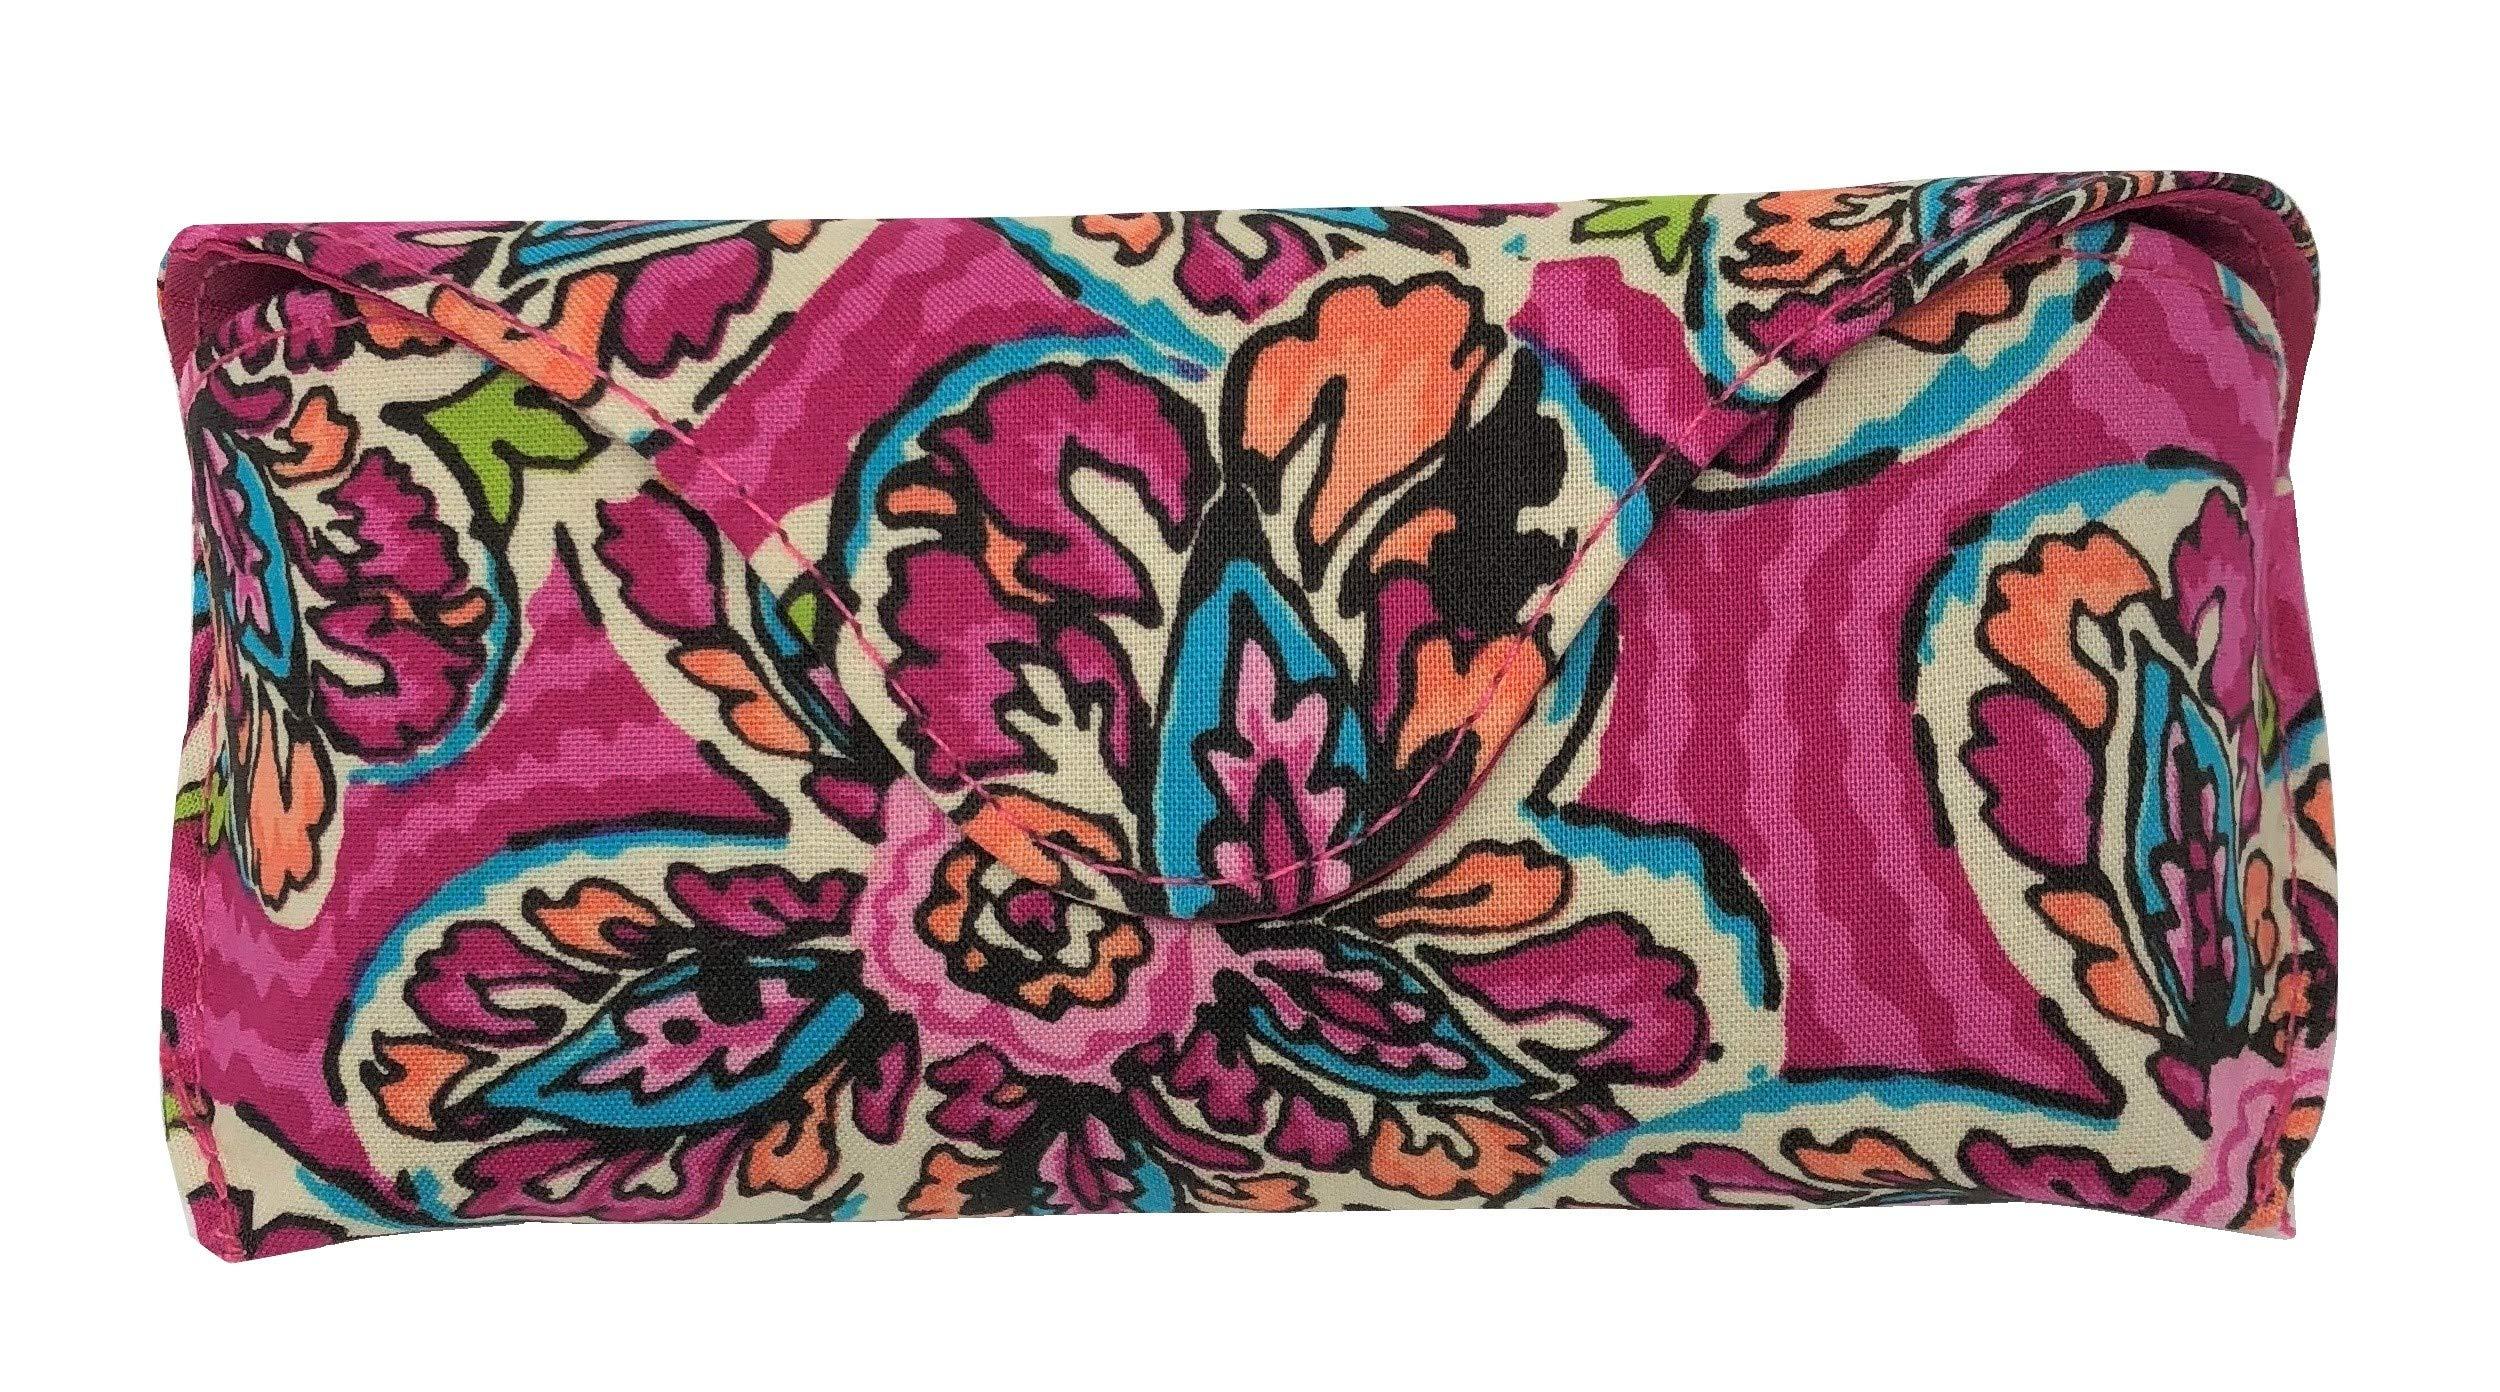 Vera Bradley Eyeglass Case (Sunburst Floral) by Vera Bradley